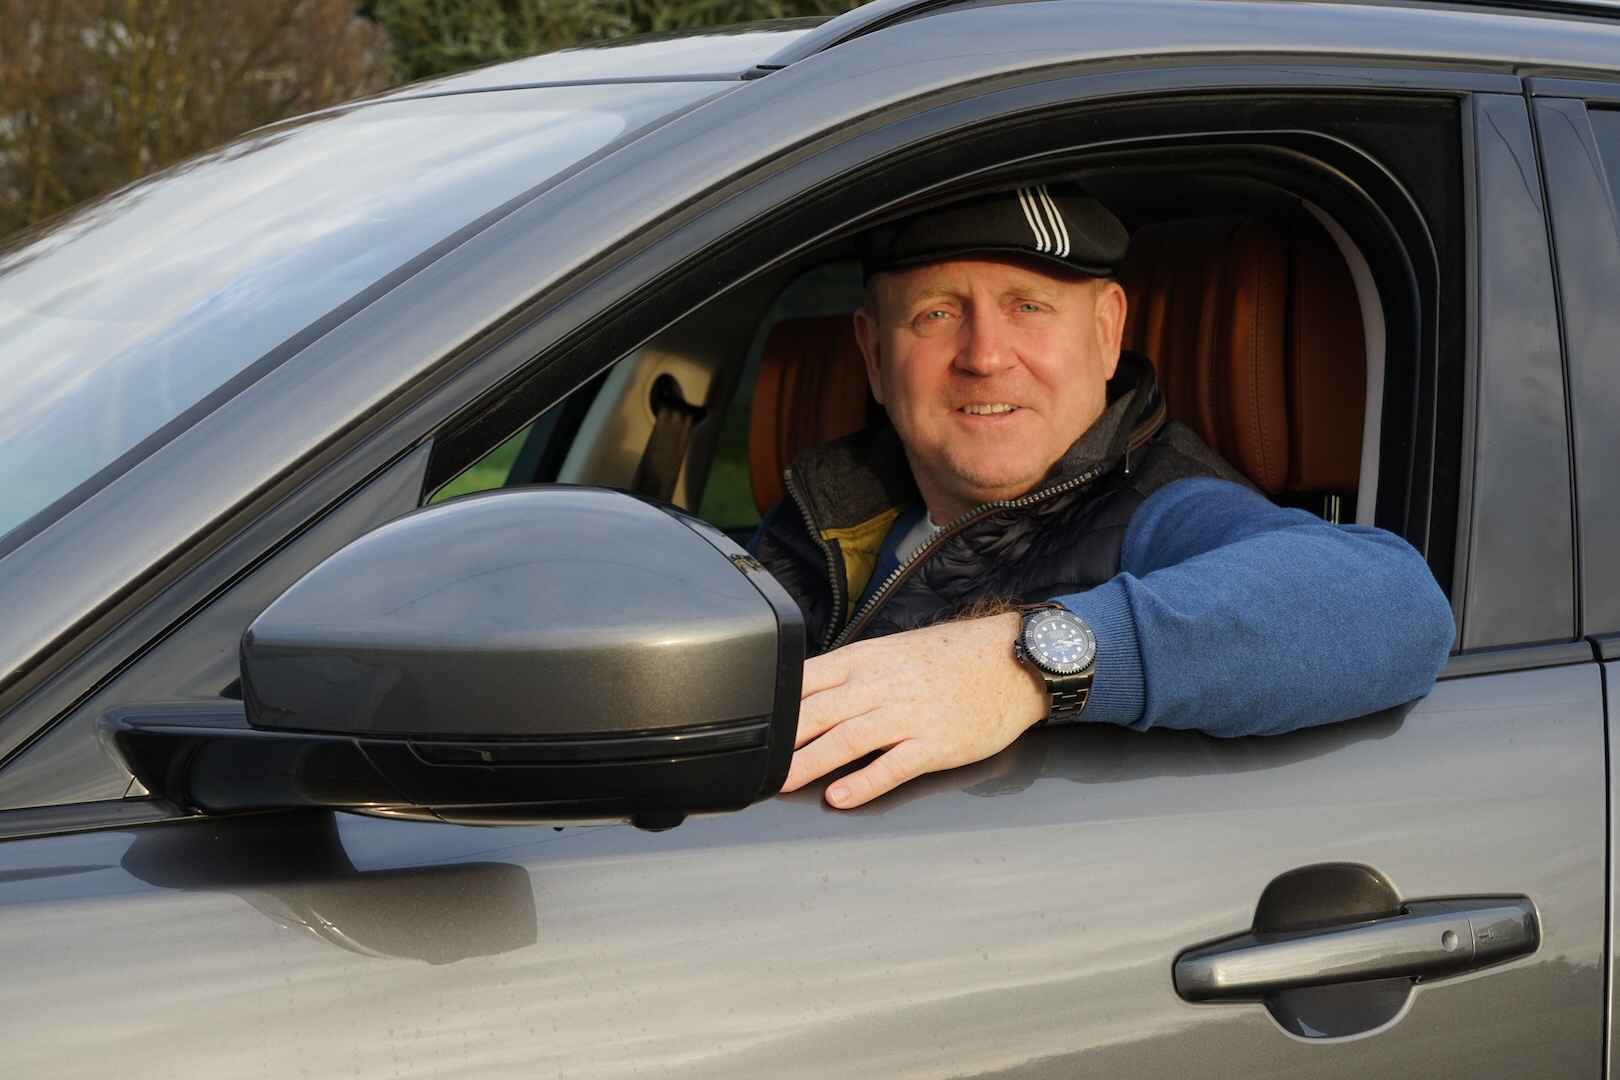 Andreas Conrad, Herausgeber des Luxus & Lifestyle Magazins FrontRowSociety.net ist vom Jaguar F-Pace überzeugt. Der 30d mit seinem V6-Biturbo verfügt über eine lineare Kraftentfaltung, das Handling ist stimmig und die Passagiere fühlen sich auch im Fond des F-Pace wohl